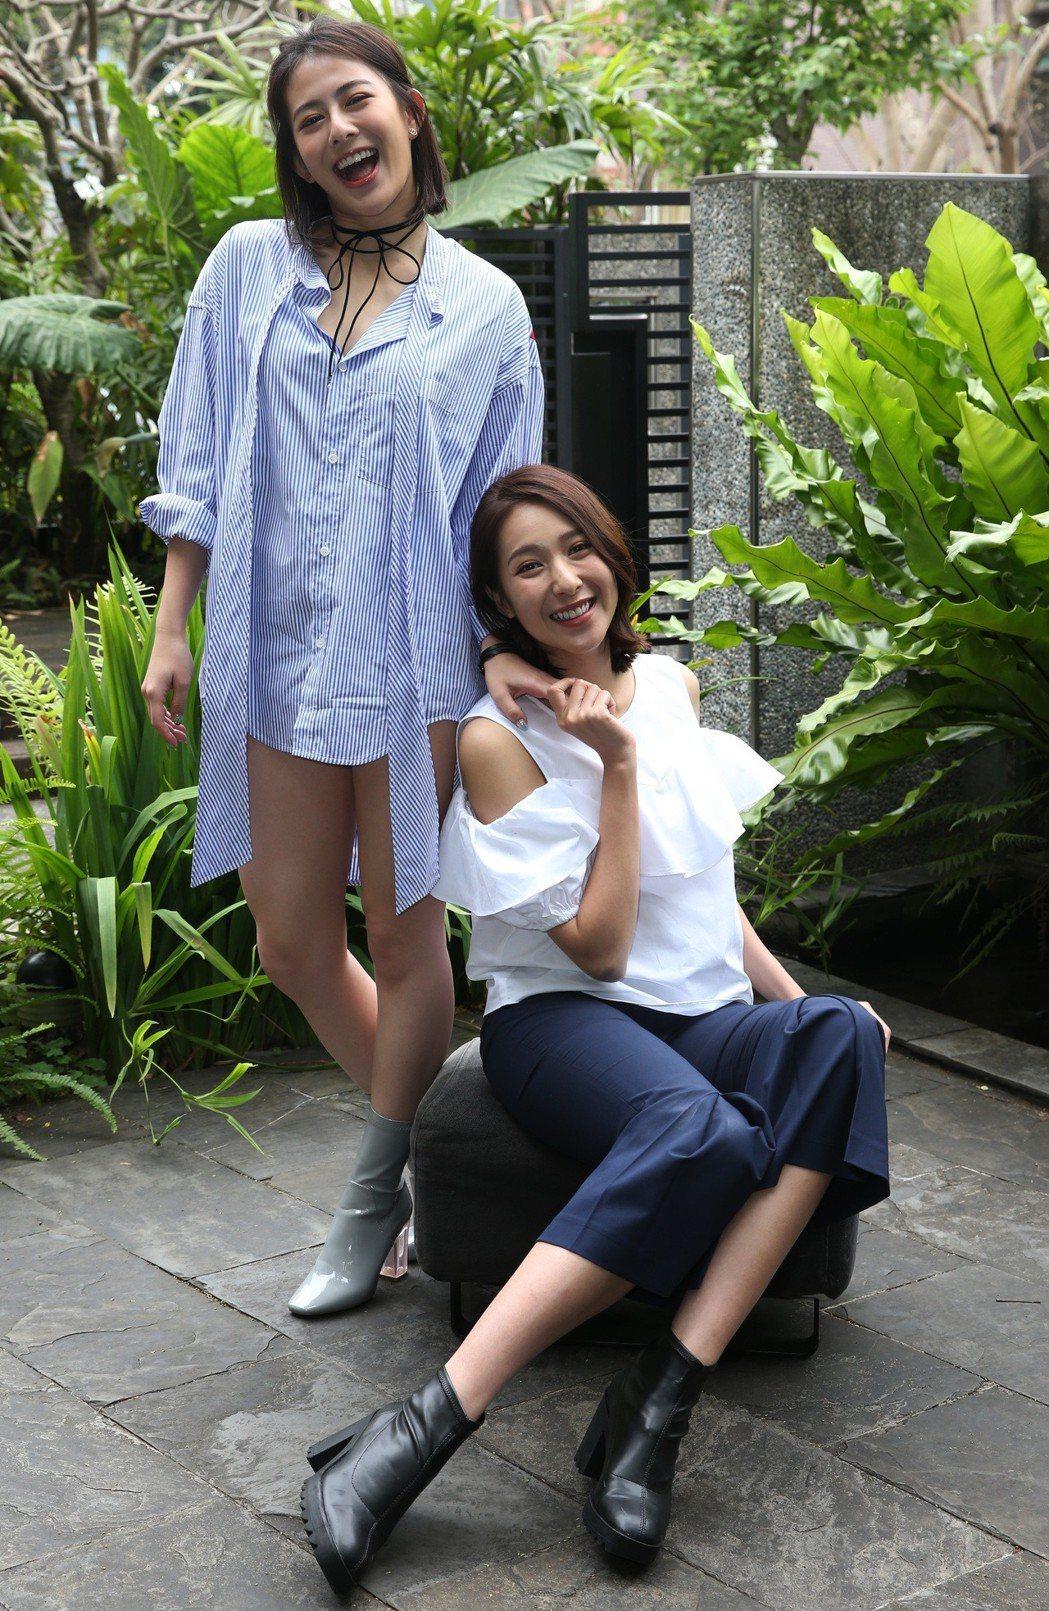 「翻牆的記憶」楊晴(右)、姚亦晴(左)專訪。記者林俊良/攝影